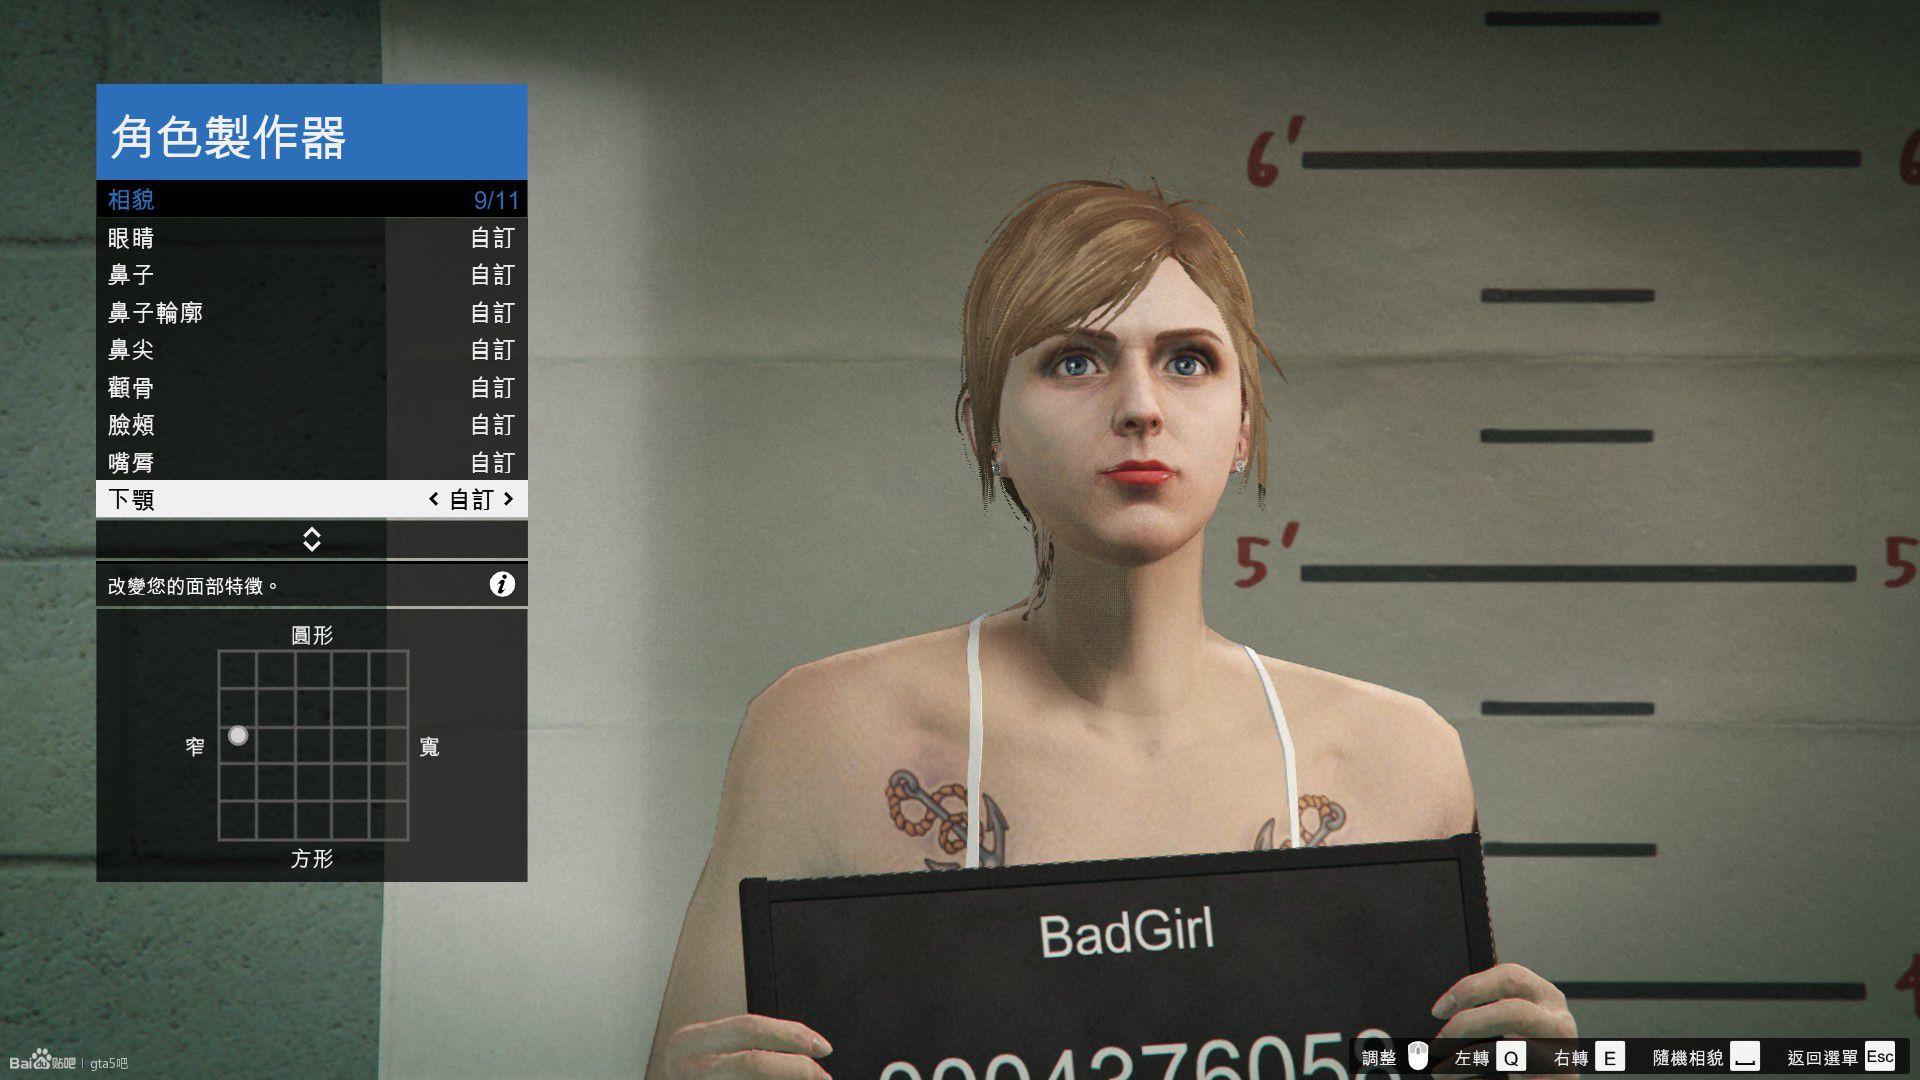 【捏脸】GTA5女角色捏脸数据插图(11)